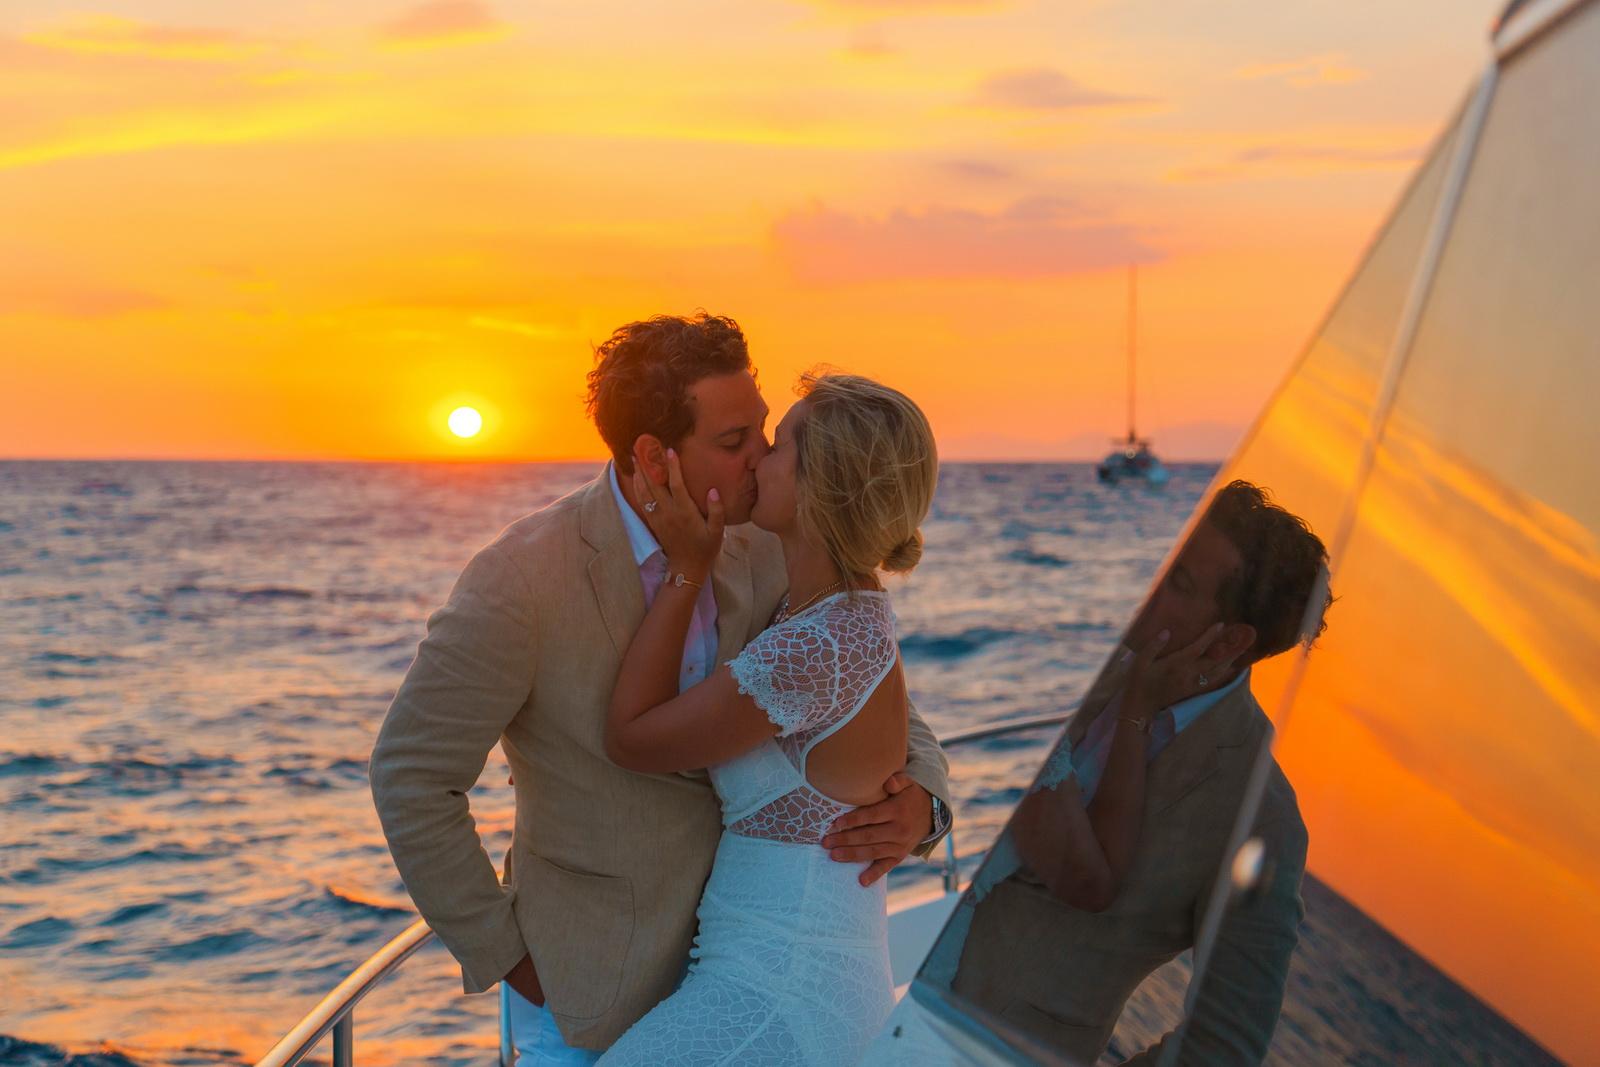 Аренда яхты: свадьба на санторини, свадебное агентство Julia Veselova - Фото 6